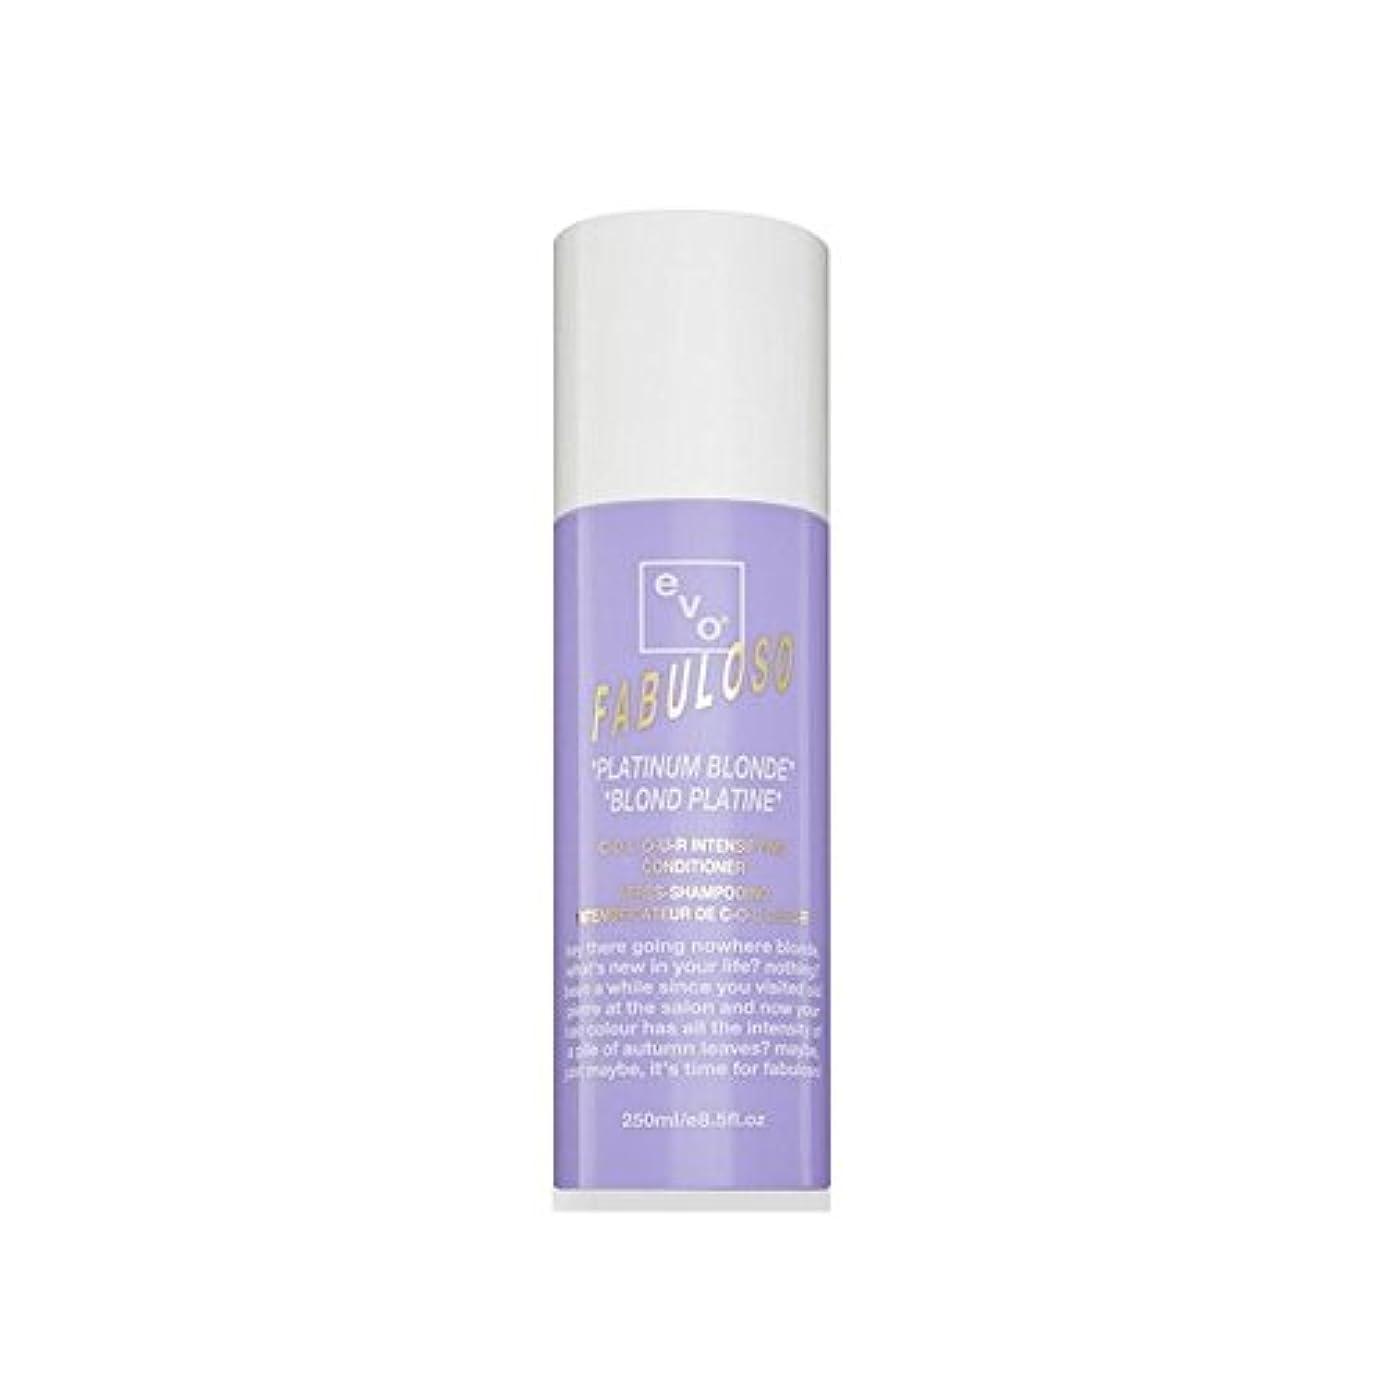 ランプデッキ打ち負かすEvo Fabuloso Colour Intensifying Conditioner Platinum Blonde (250ml) (Pack of 6) - 色増コンディショナープラチナブロンド(250ミリリットル...